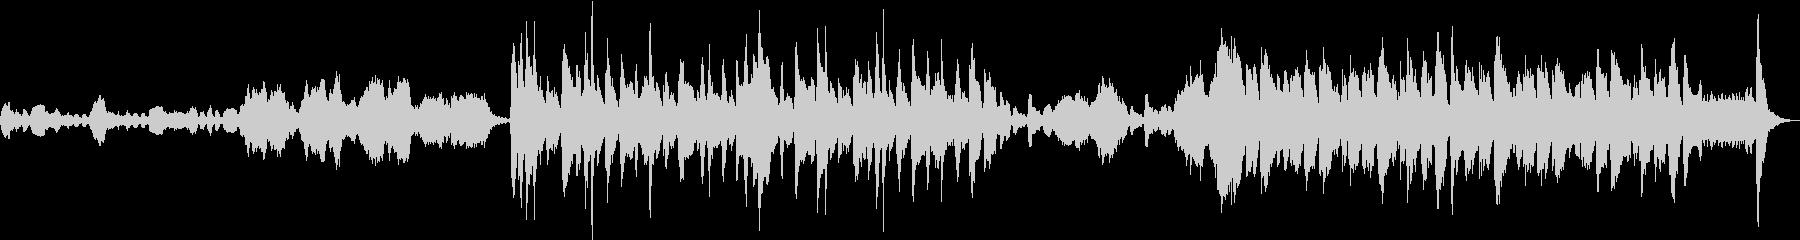 コミカルなハロウィン曲の未再生の波形